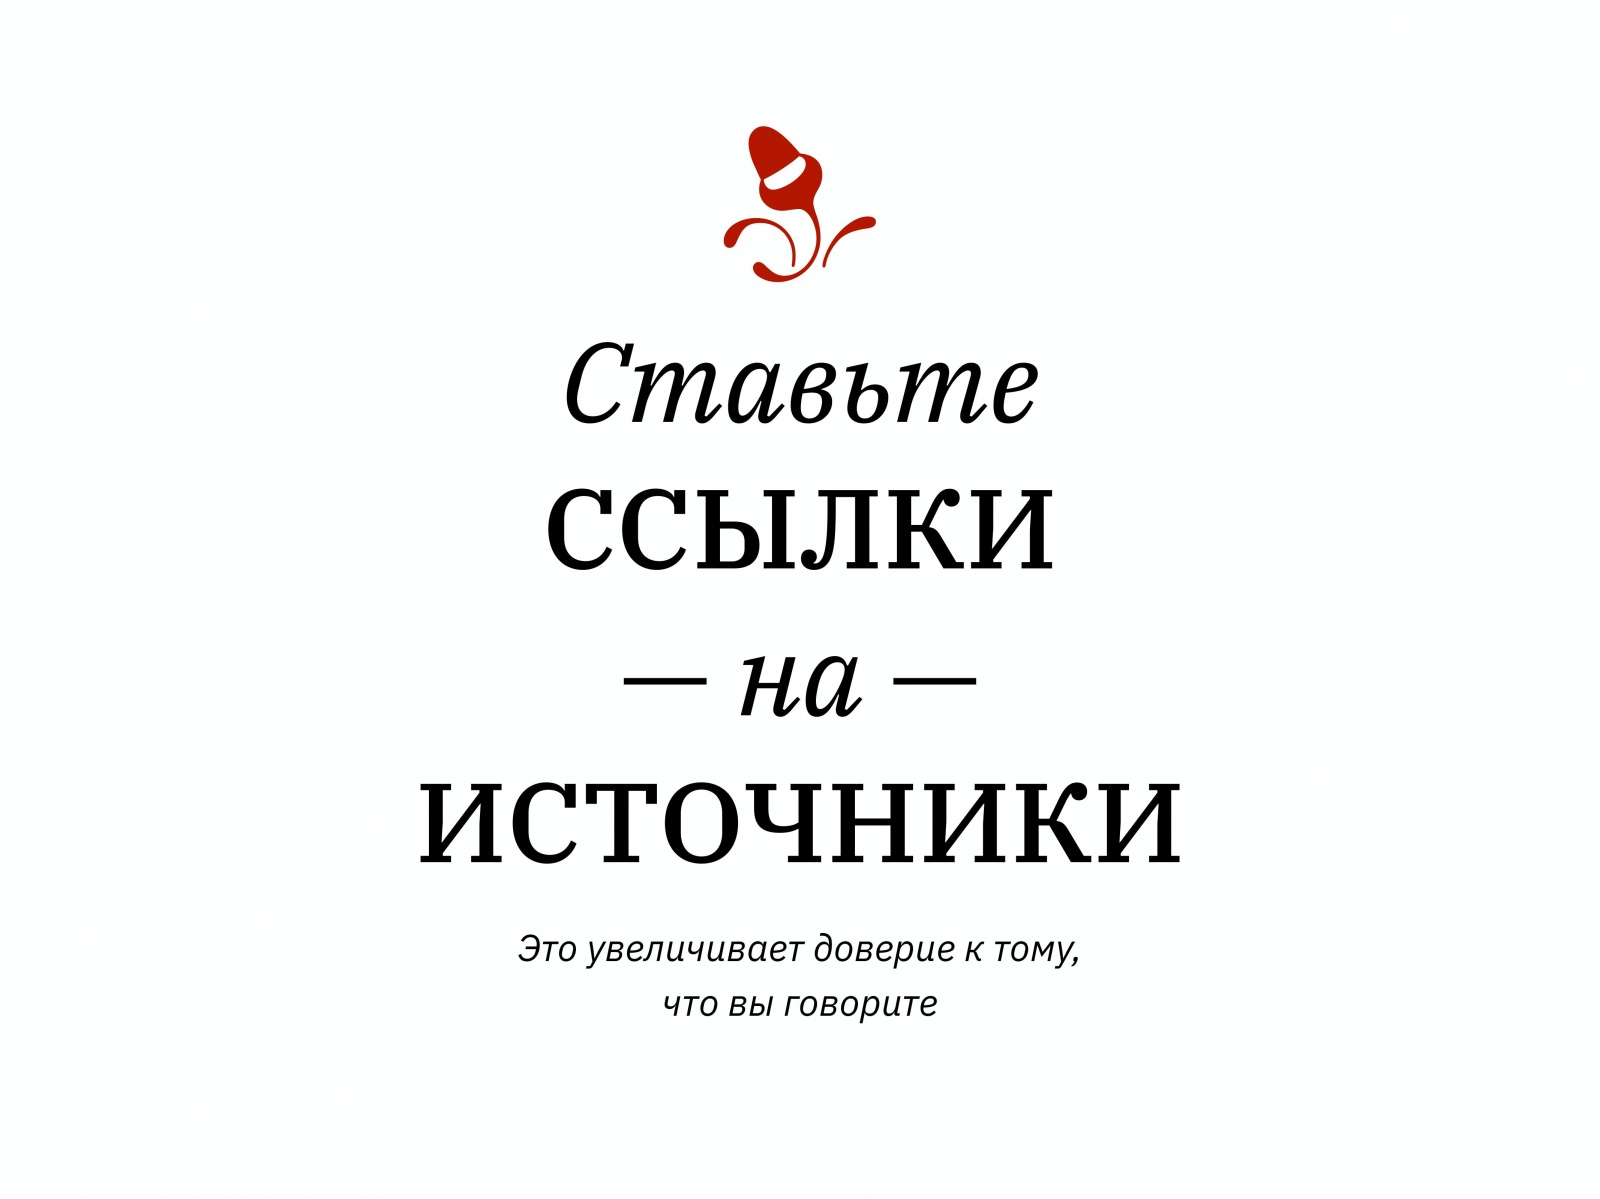 Алексей Каптерев: Критическое мышление 101 (часть 2) - 65